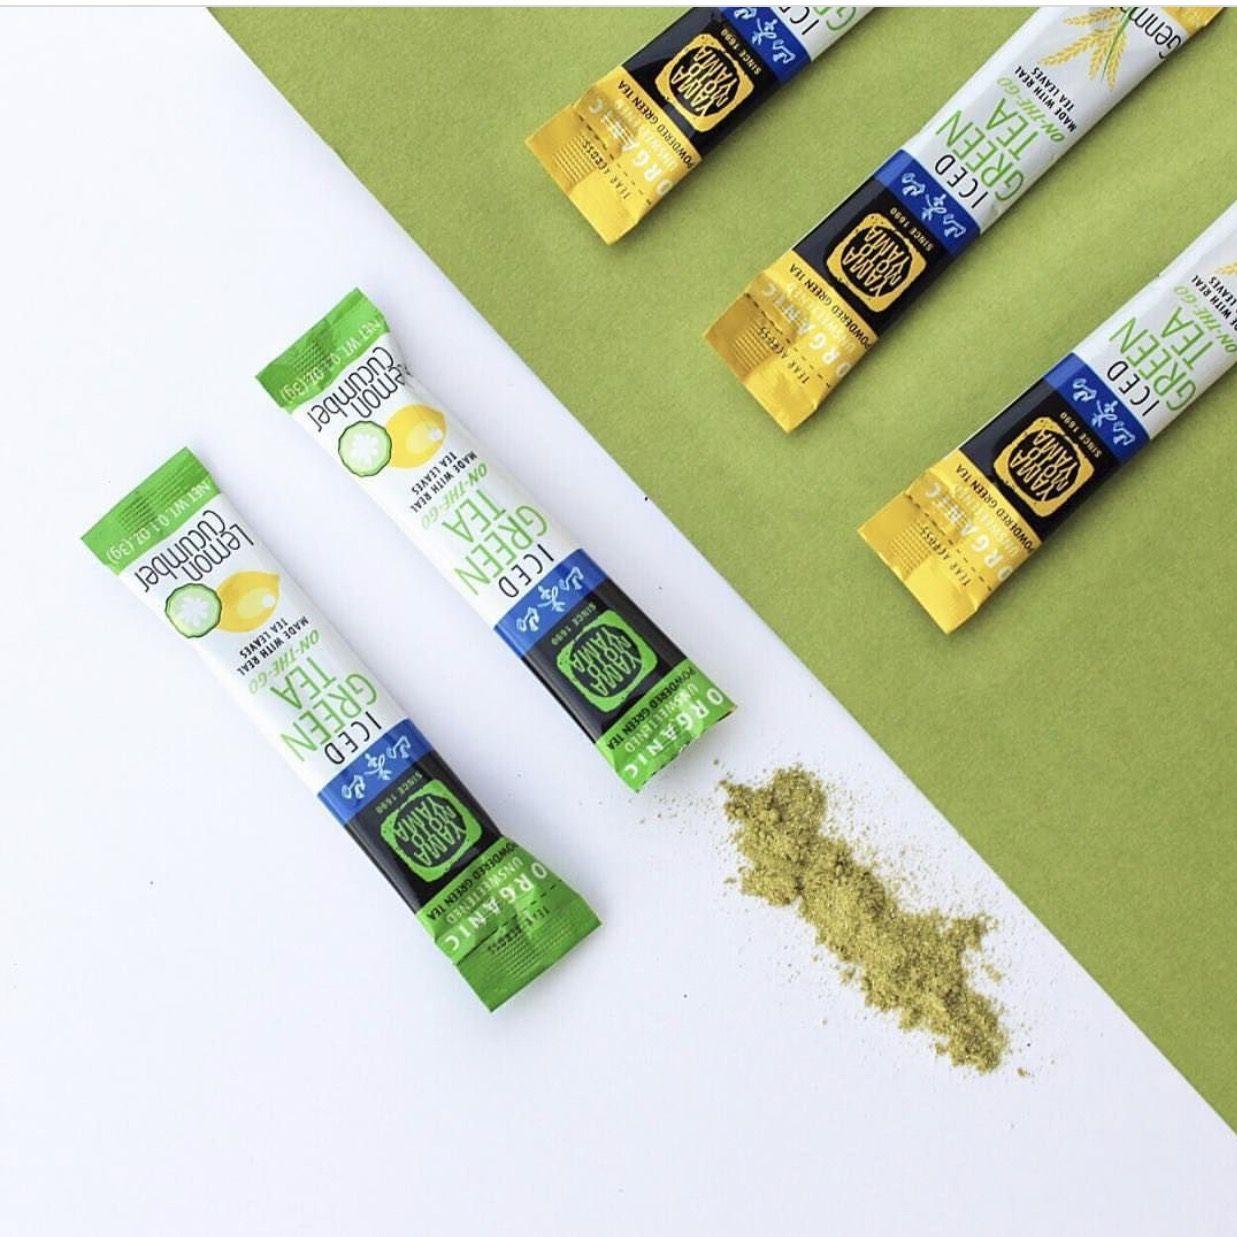 Pin by YAMAMOTOYAMA on YAMAMOTOYAMA Green tea, Fine tea